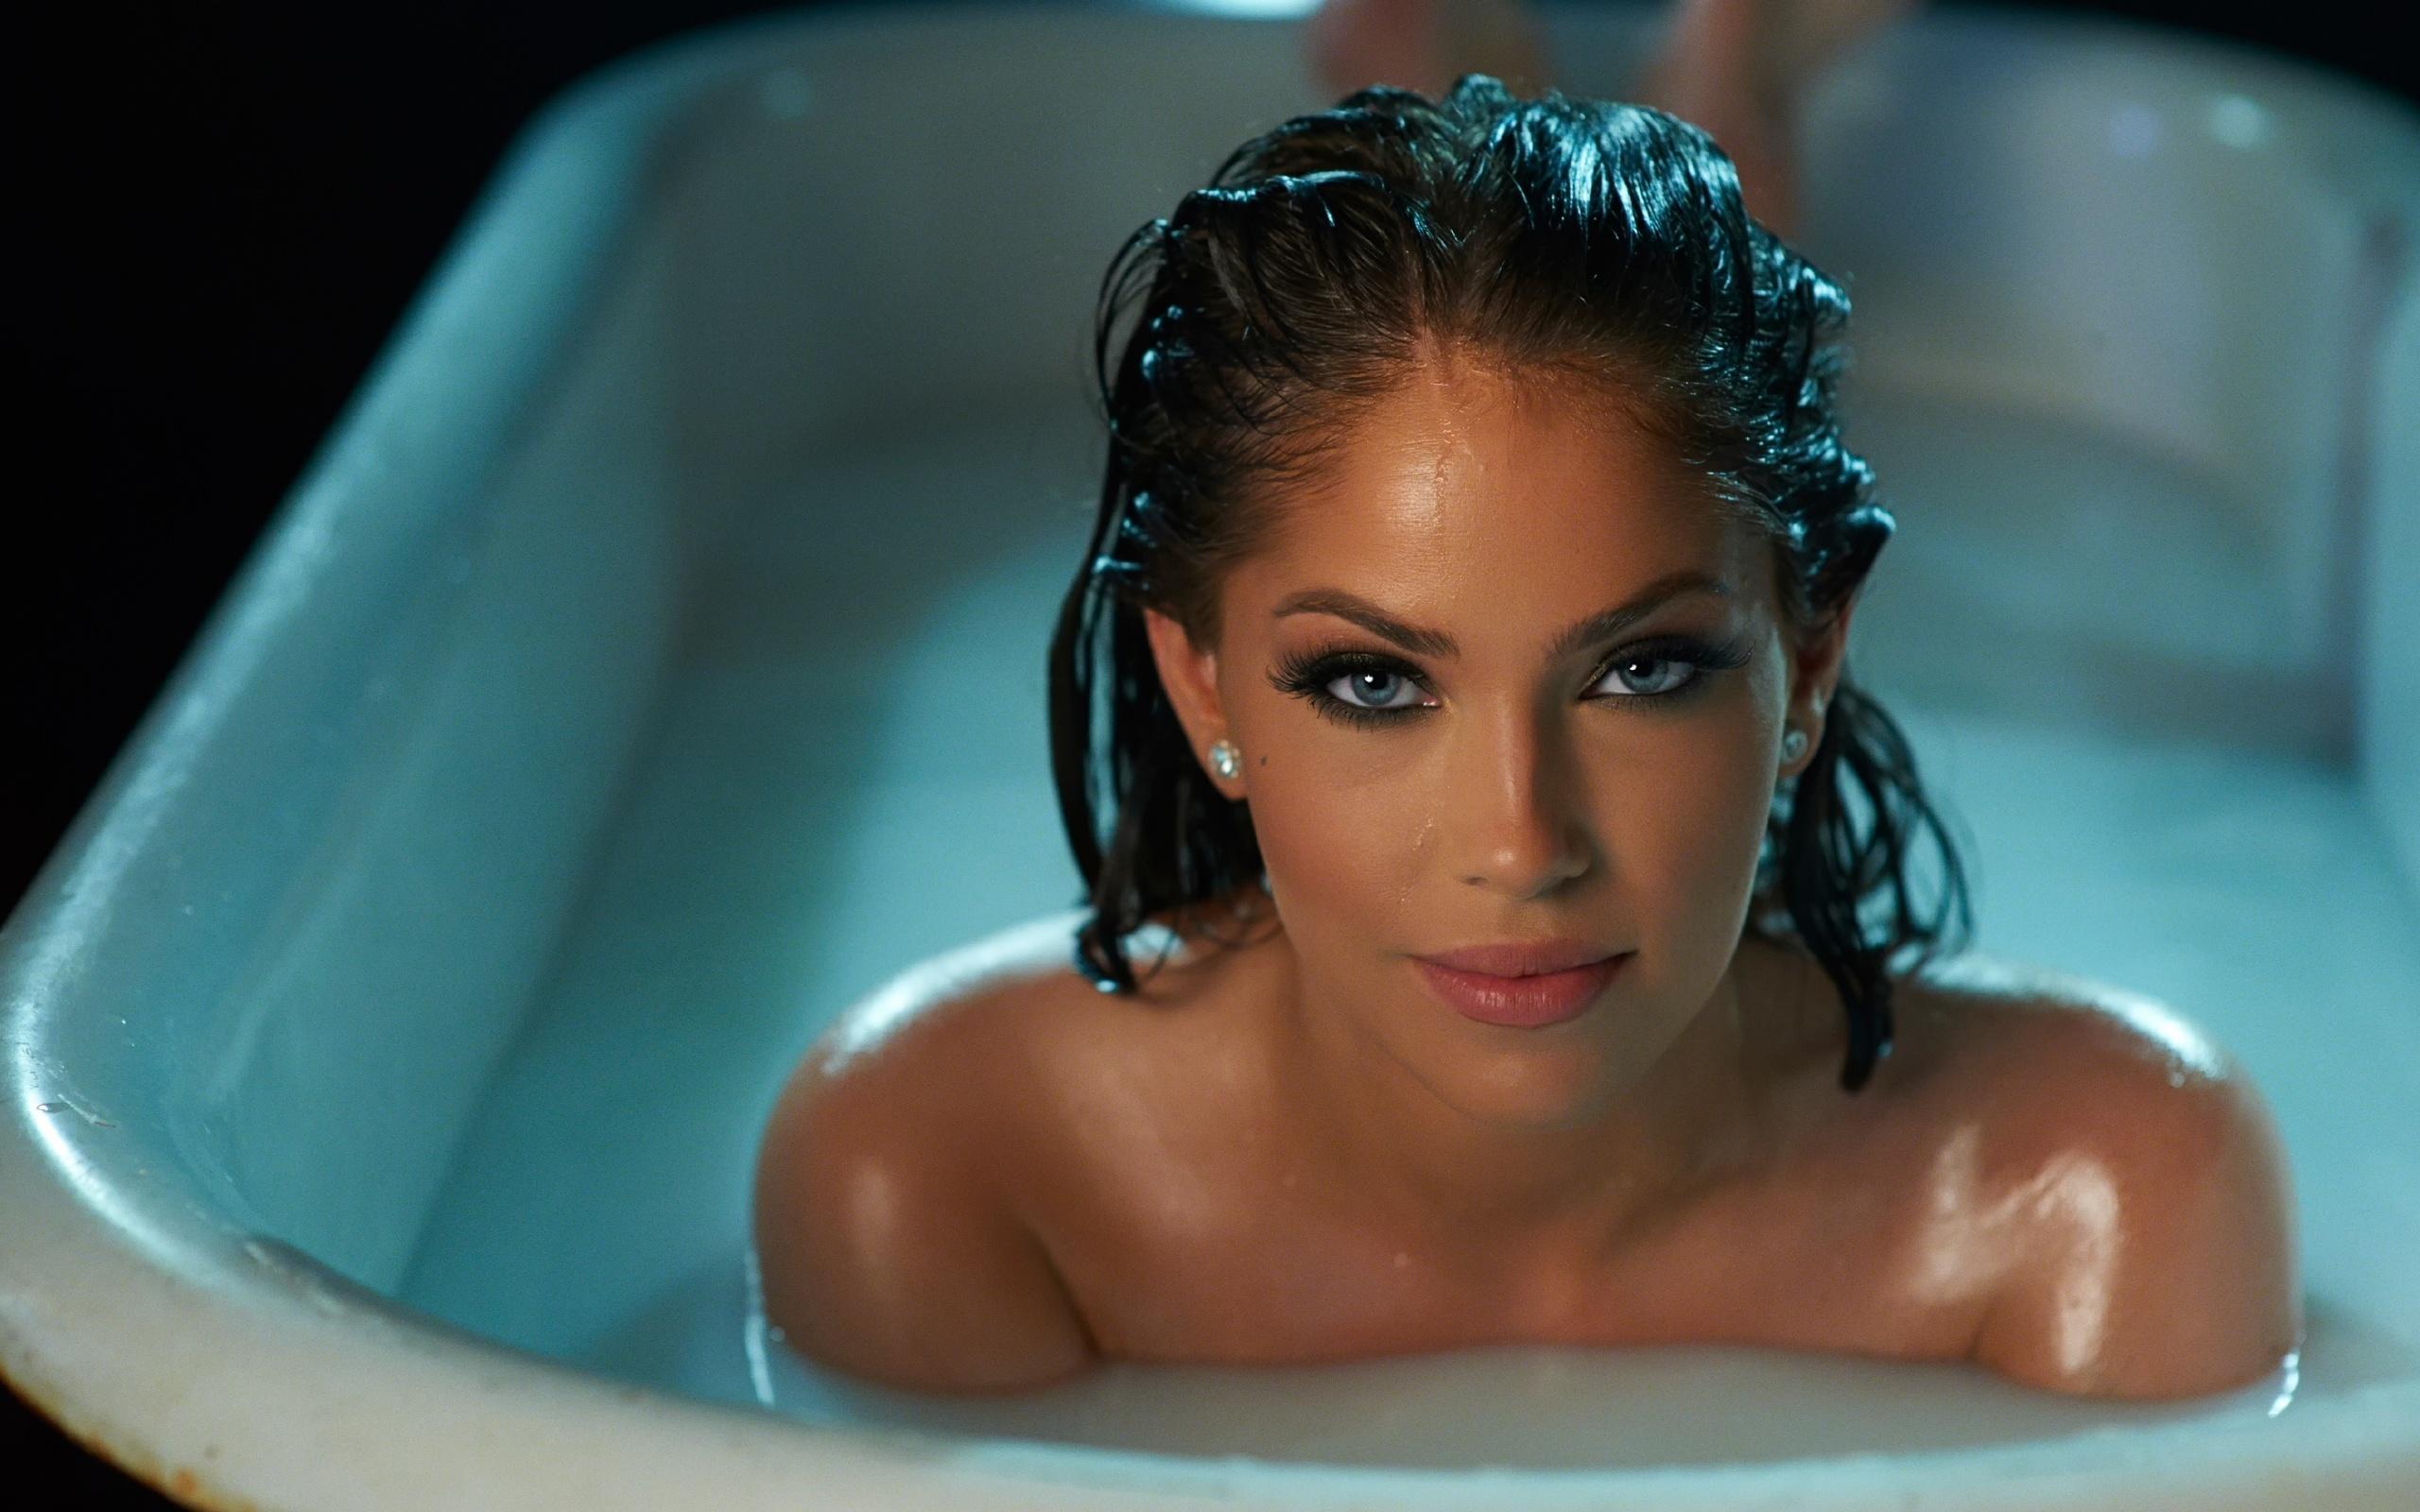 Фото девочек в ванной крупно 3 фотография